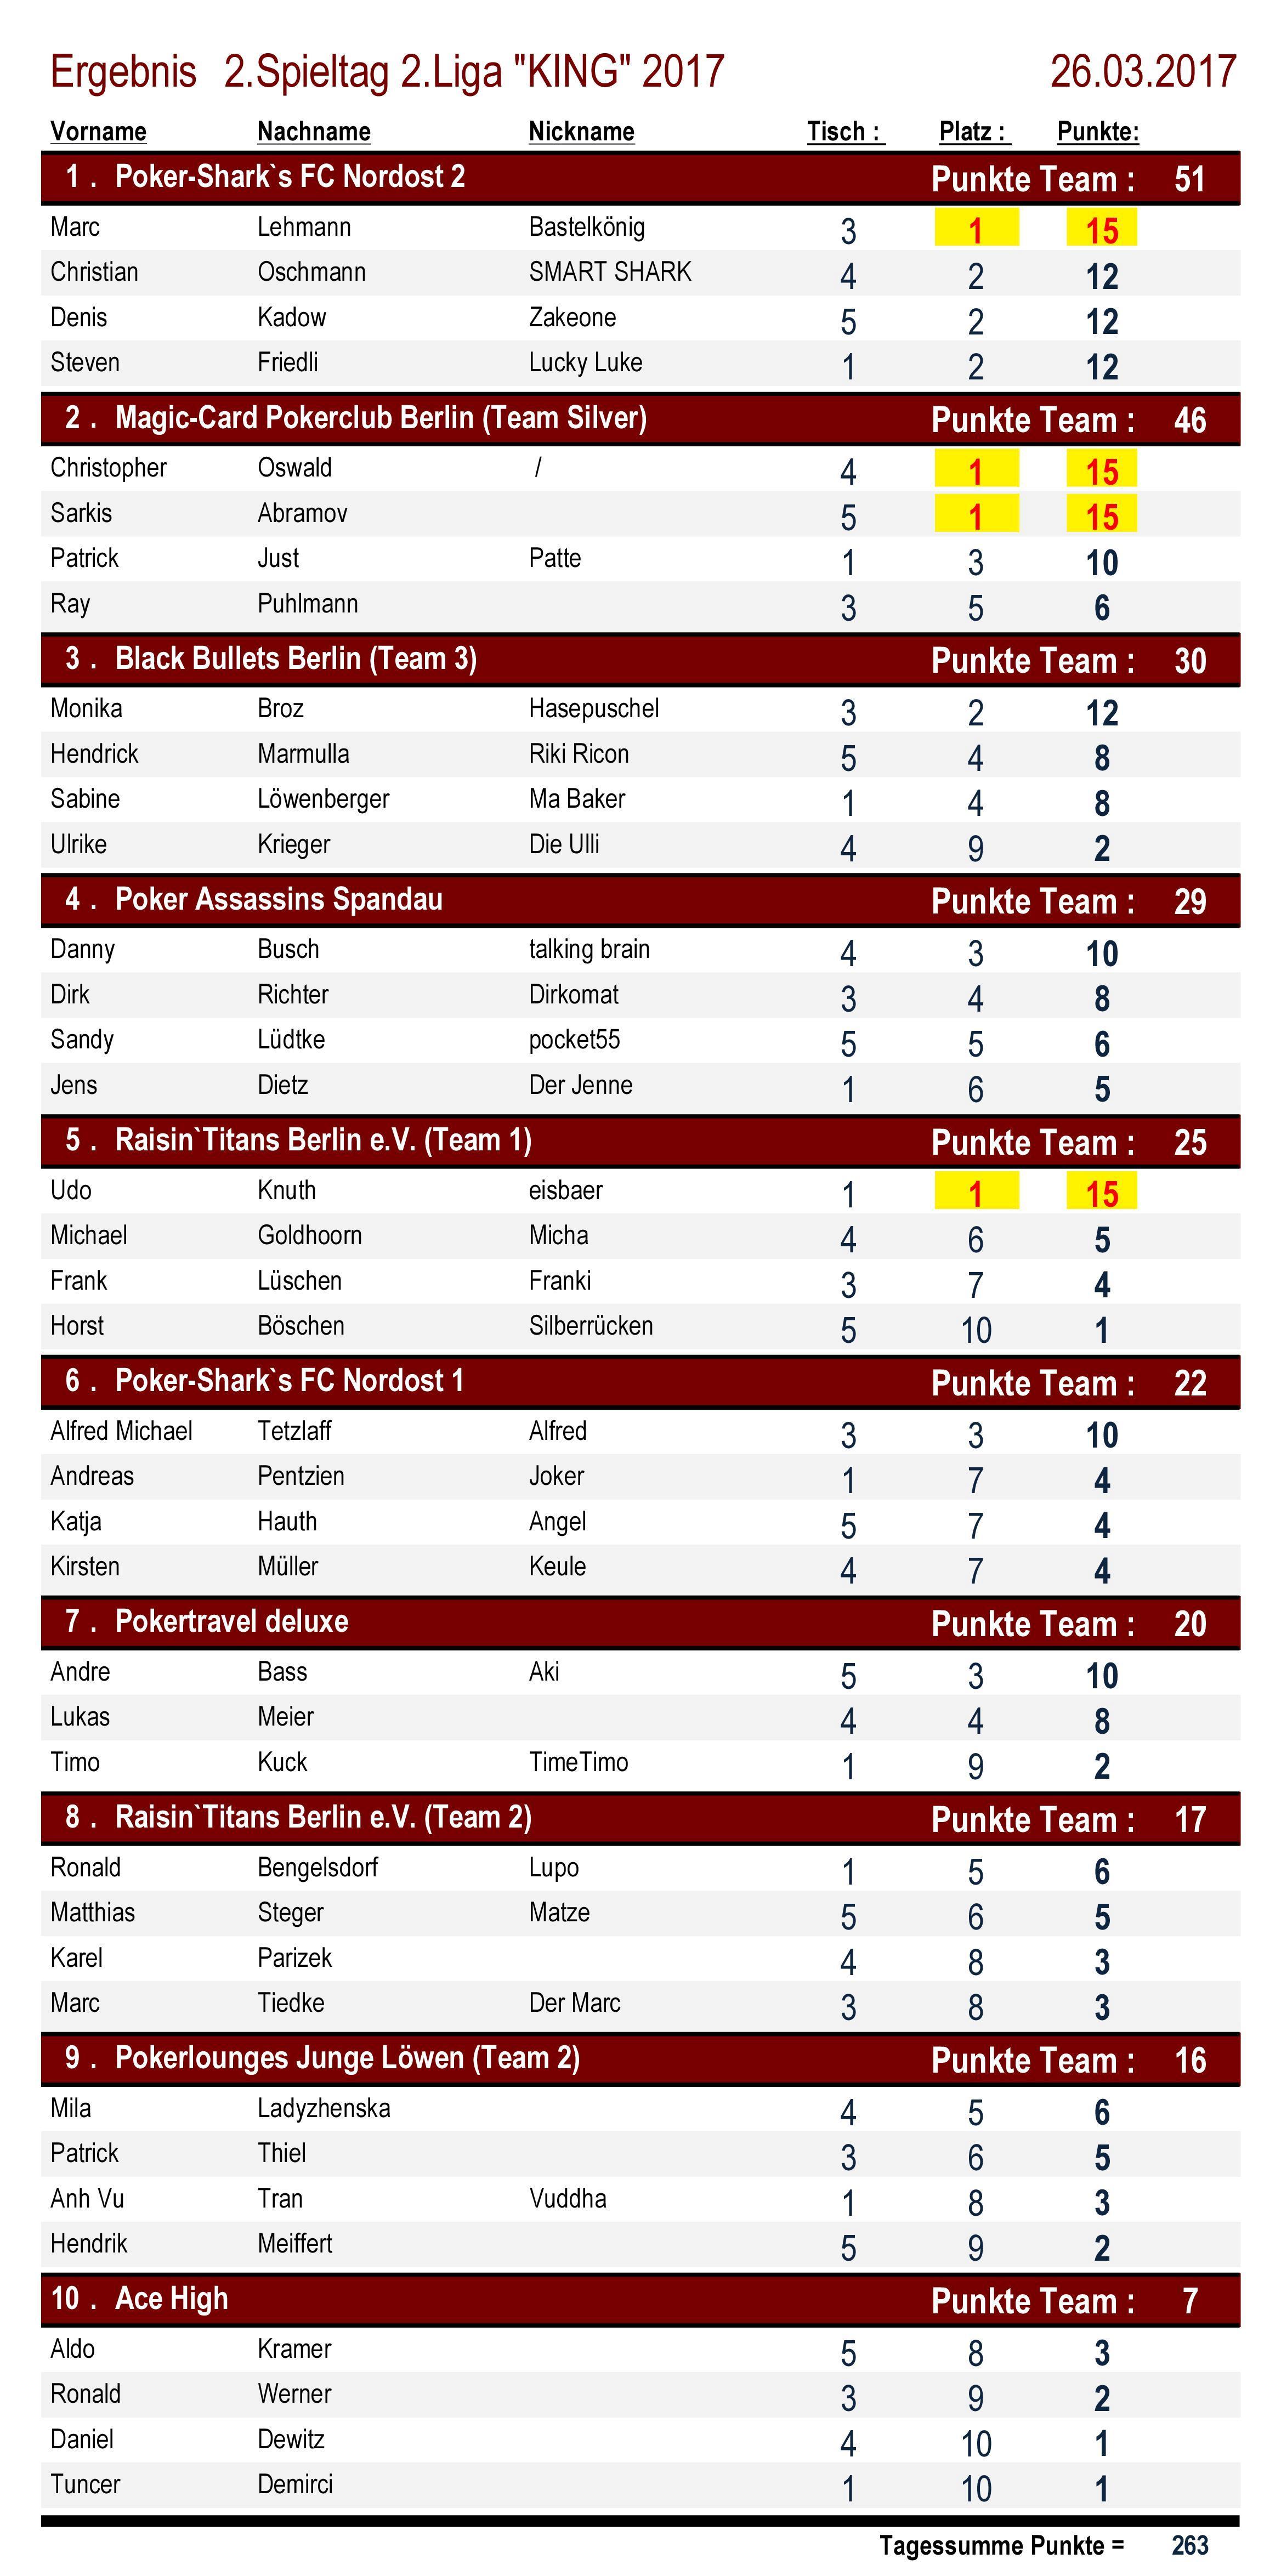 Ergebnisse 2.Liga `KING` 2. Spieltag 2017